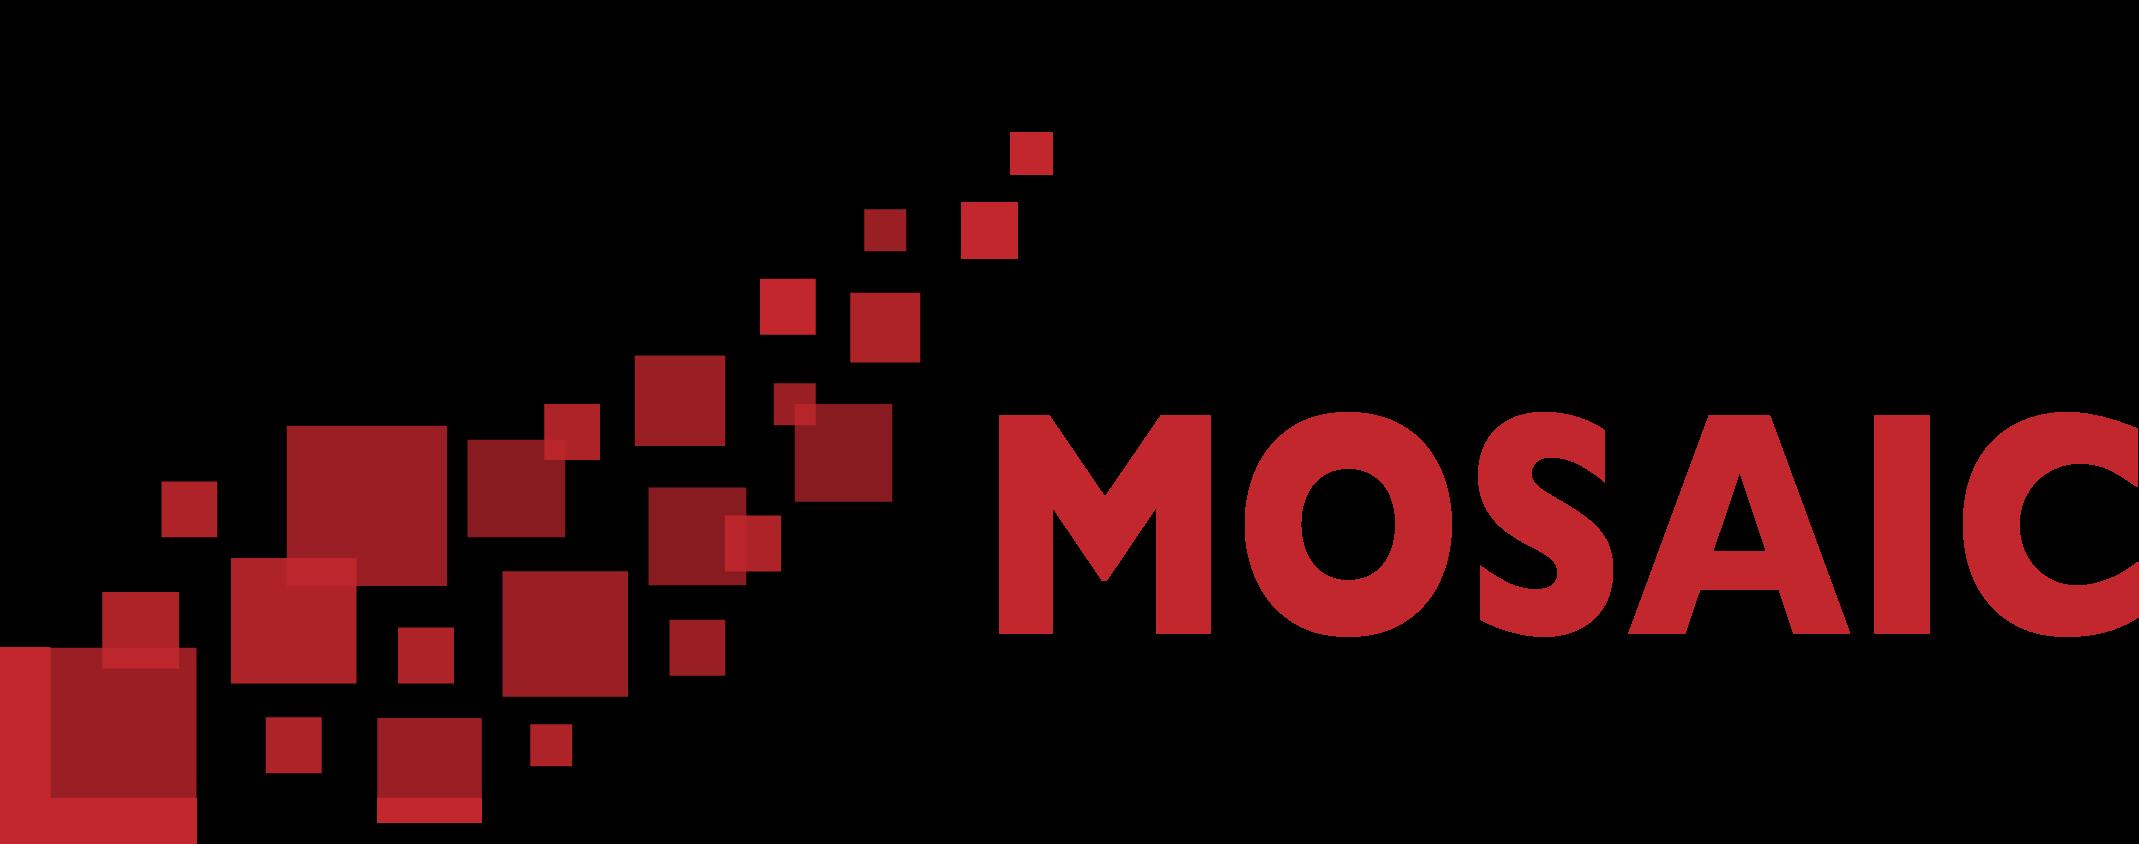 Mosaic Software